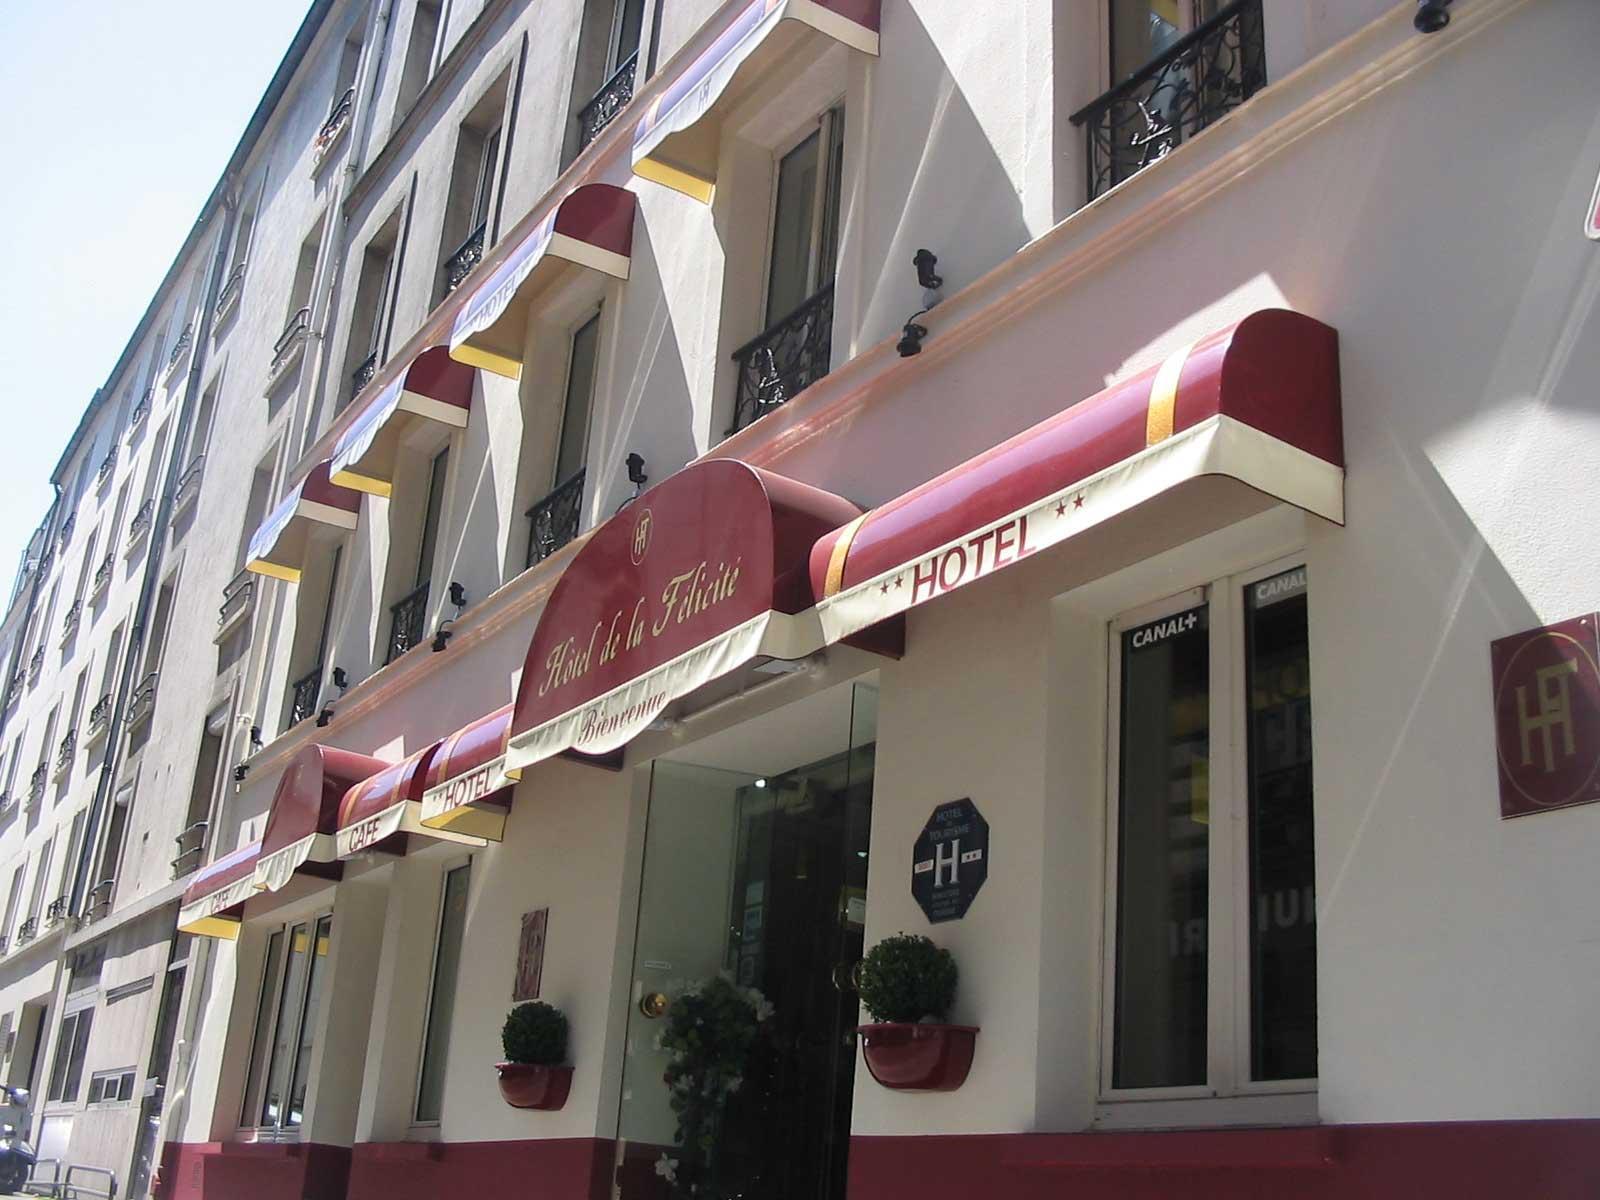 Hotel de la Felicite